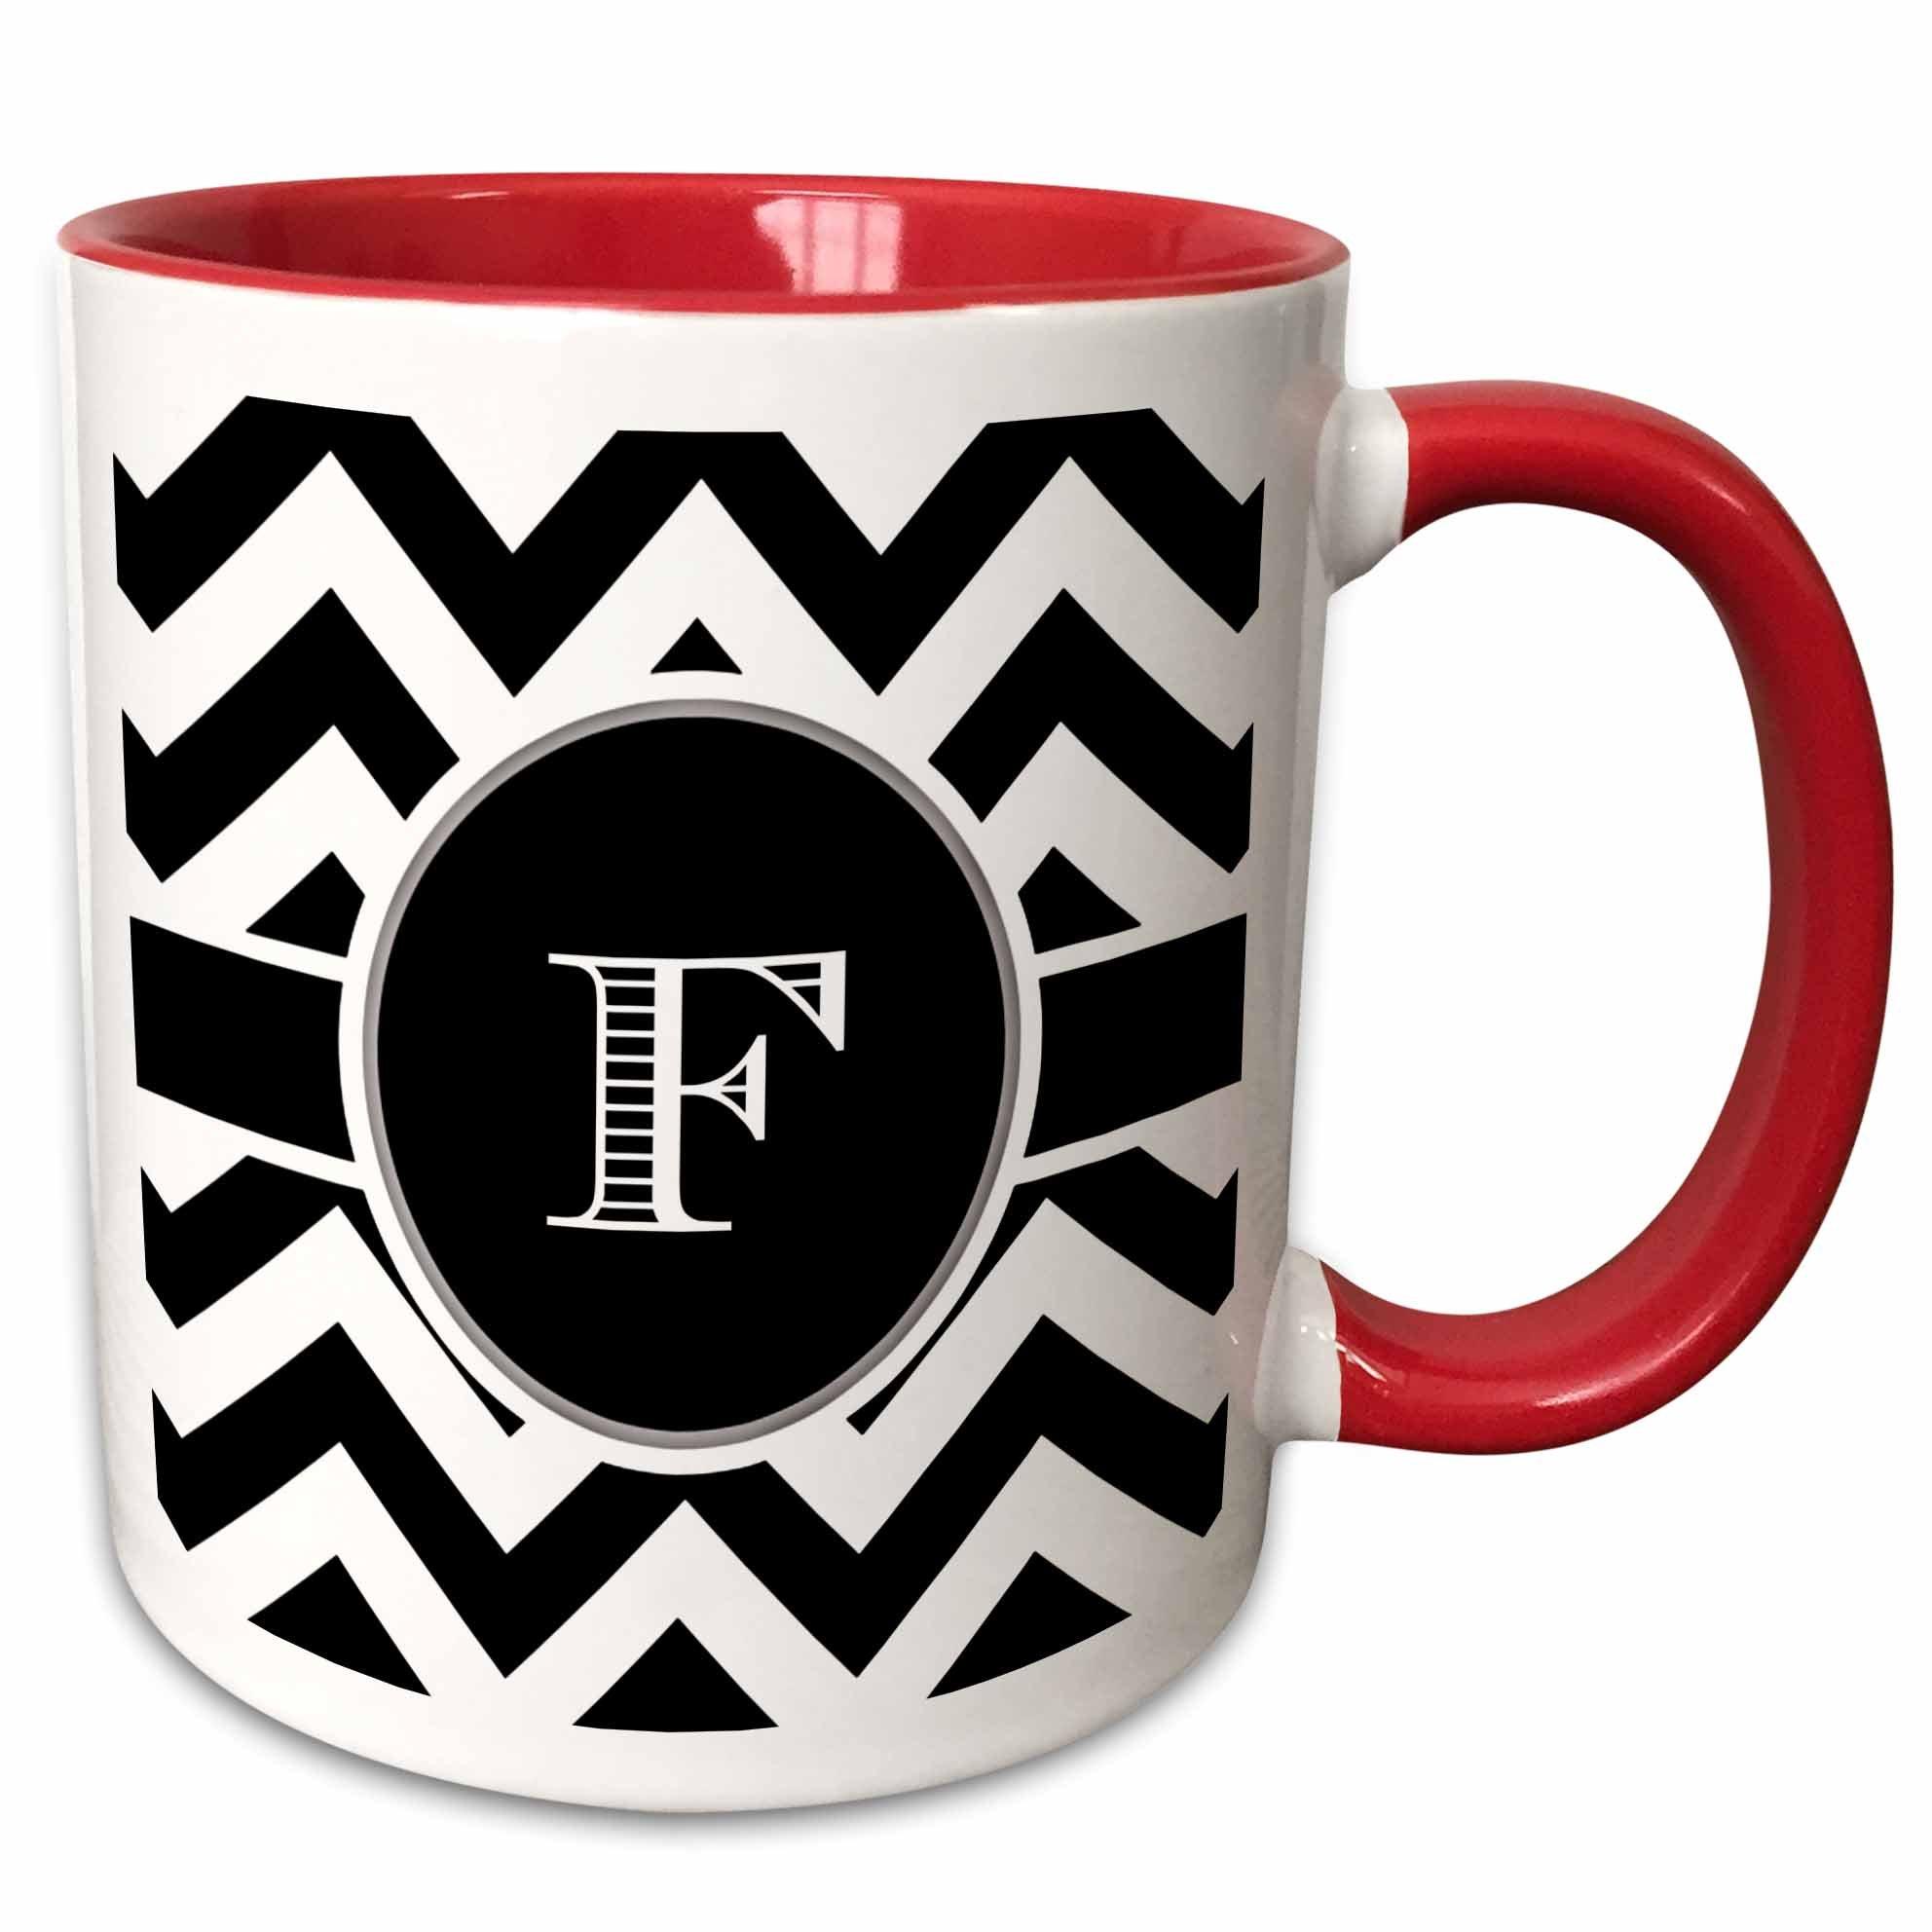 3dRose Chevron Monogram Initial F Two Tone Mug, 11 oz, Black/White/Red